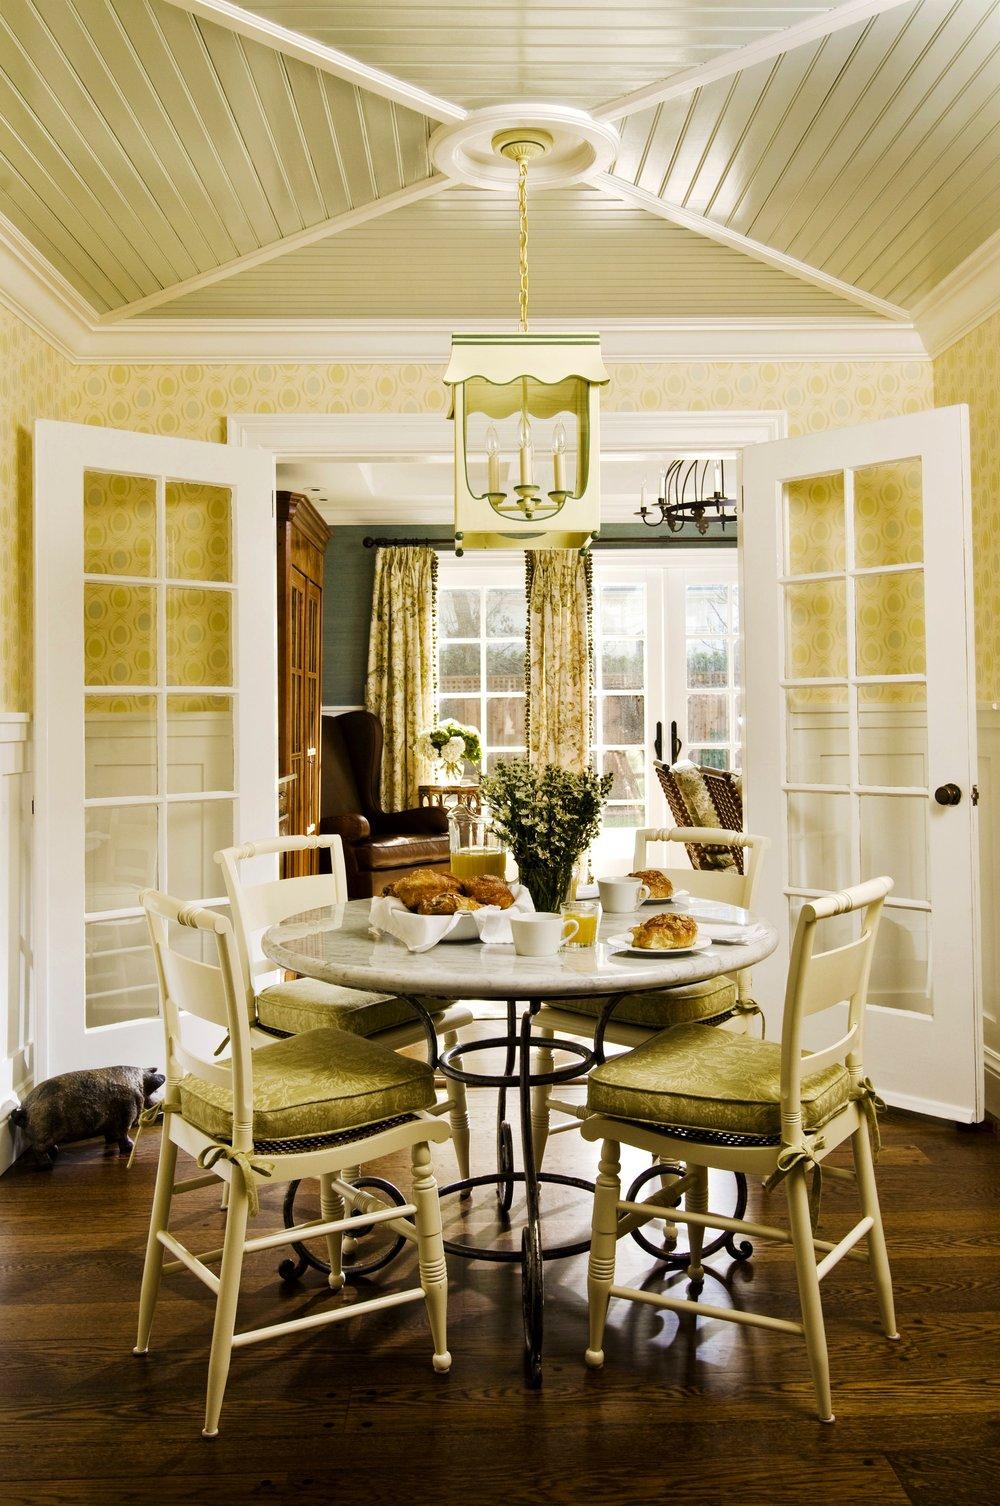 2012-1-6 Dining Room 1.jpg